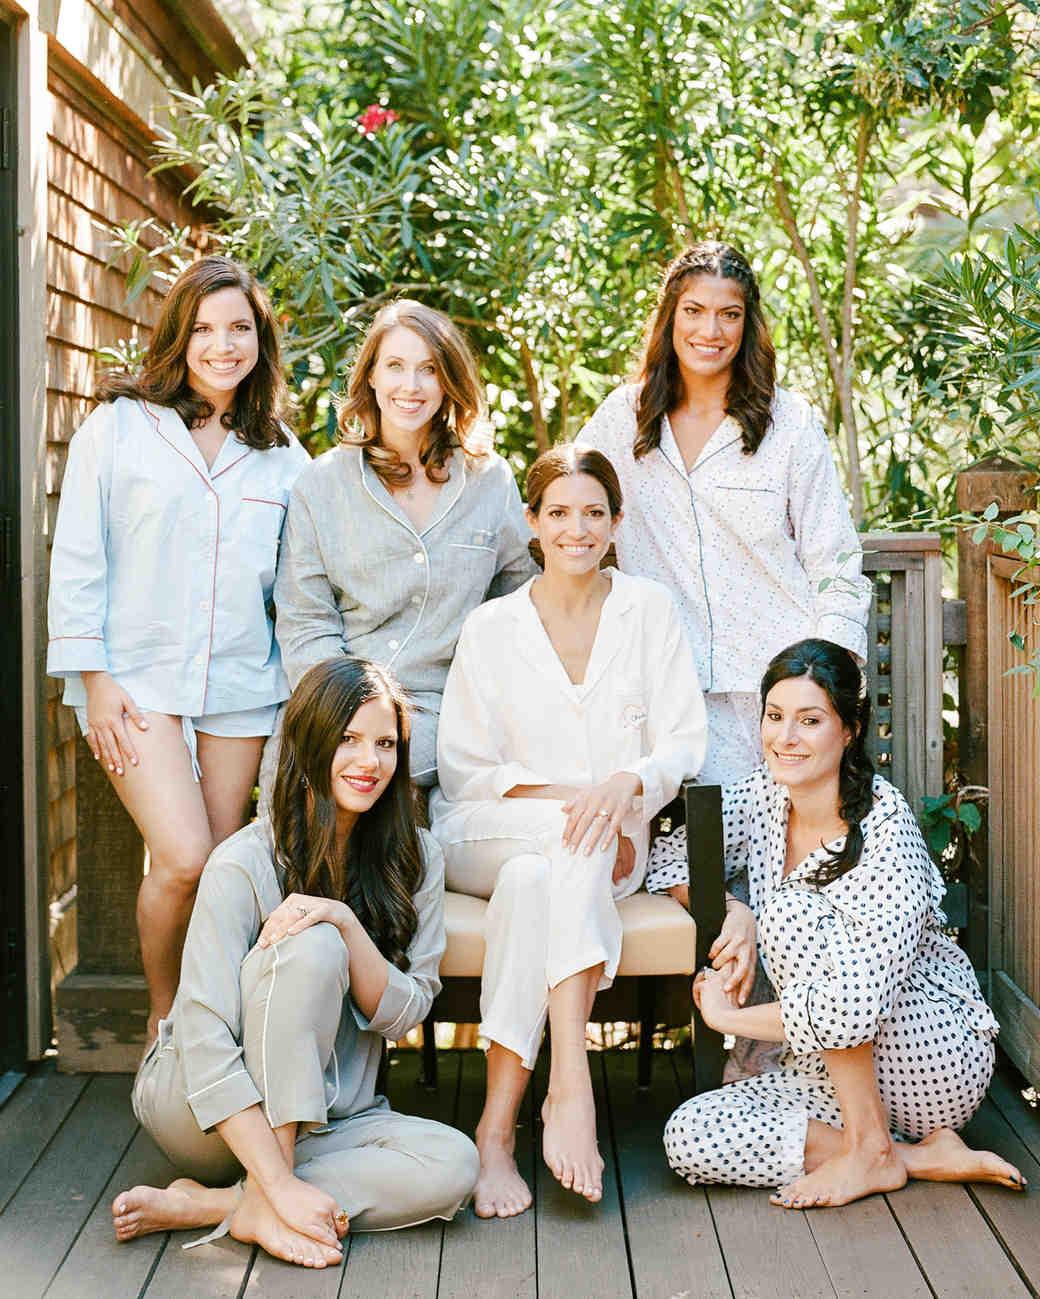 cristina chris wedding bridesmaids getting ready pajamas